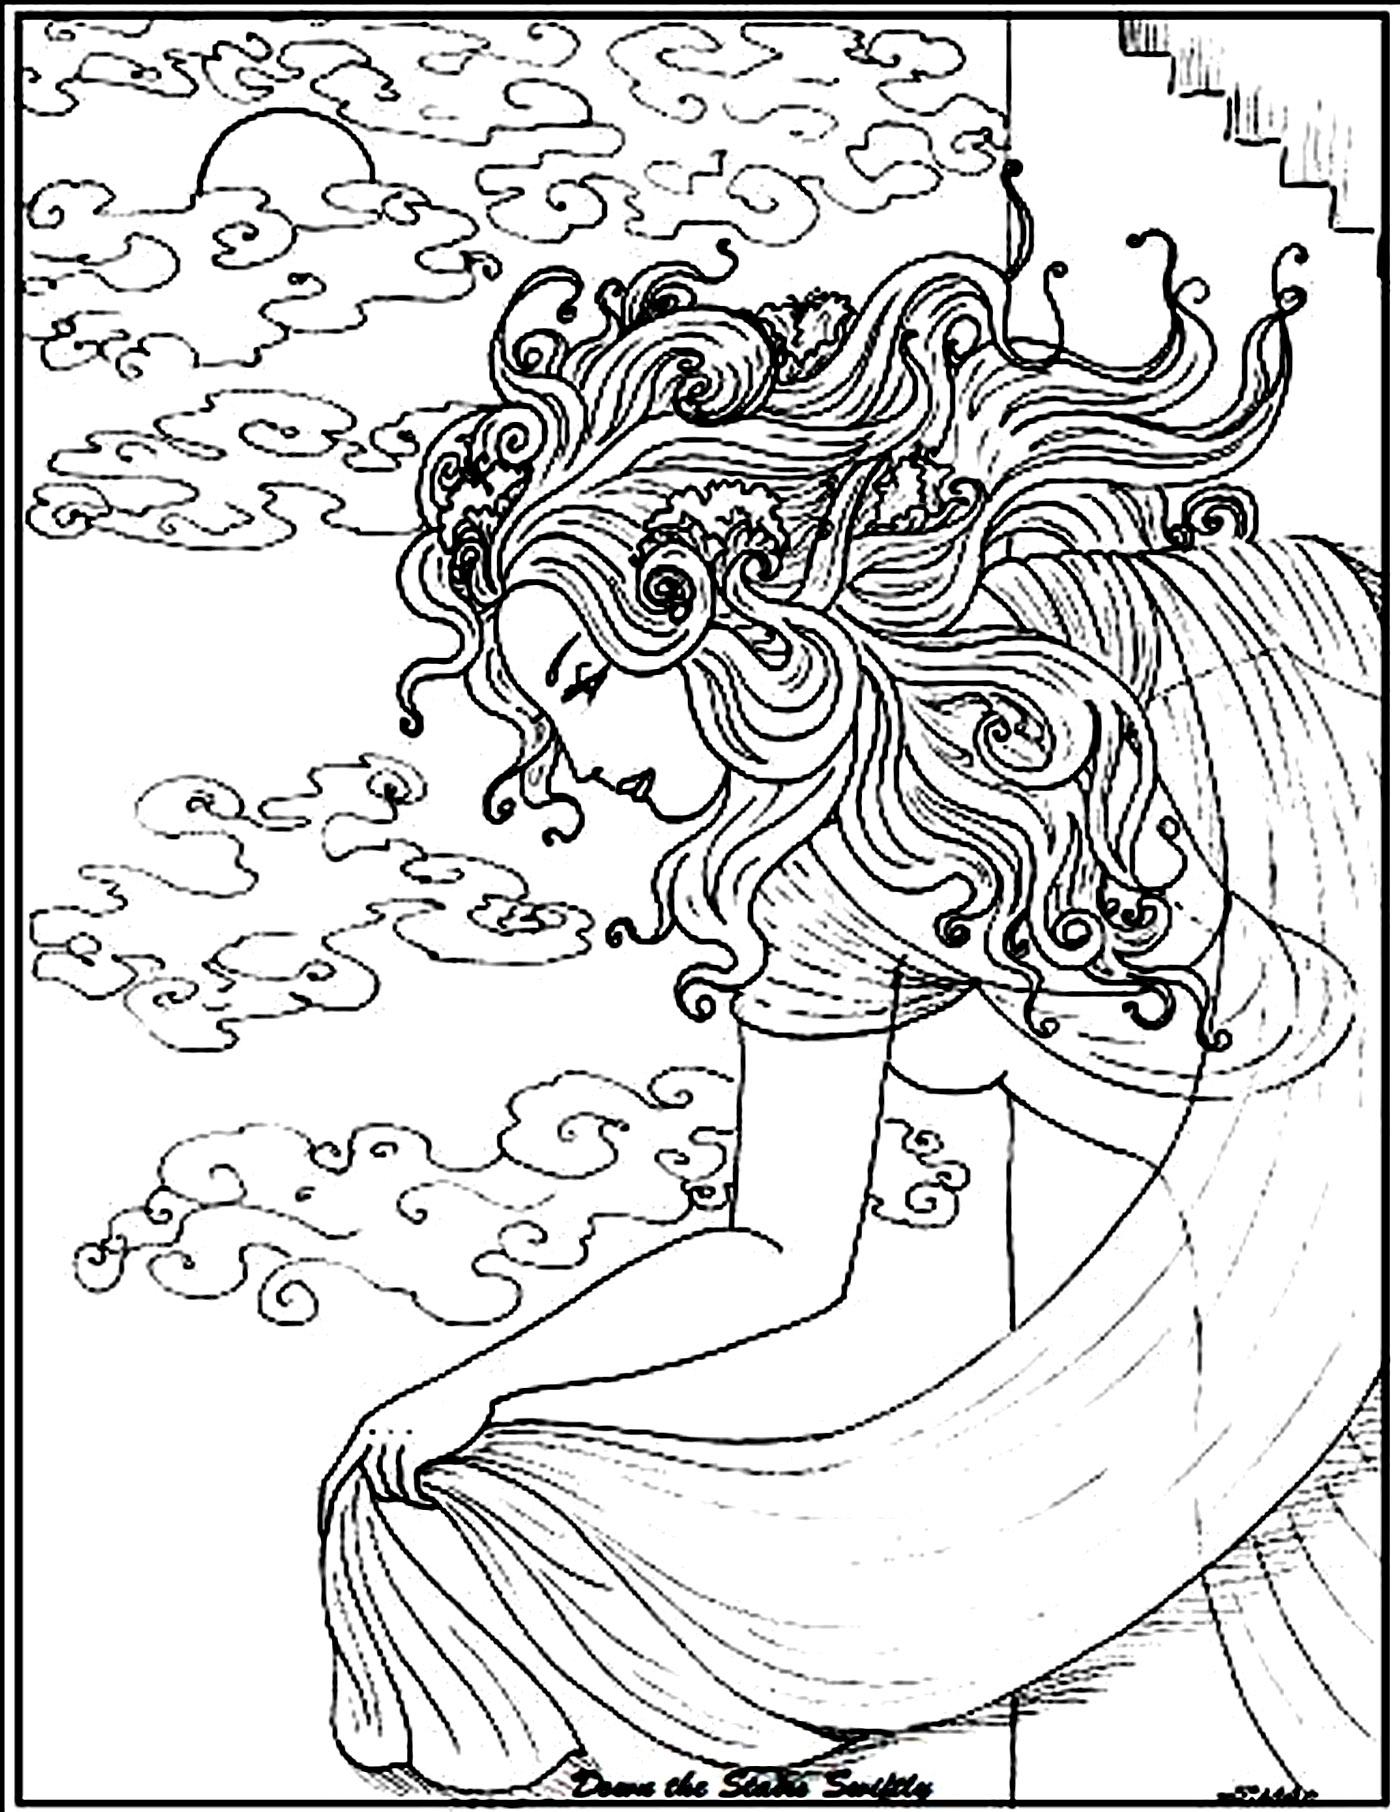 Colorear para adultos : Mitos y leyendas - 16